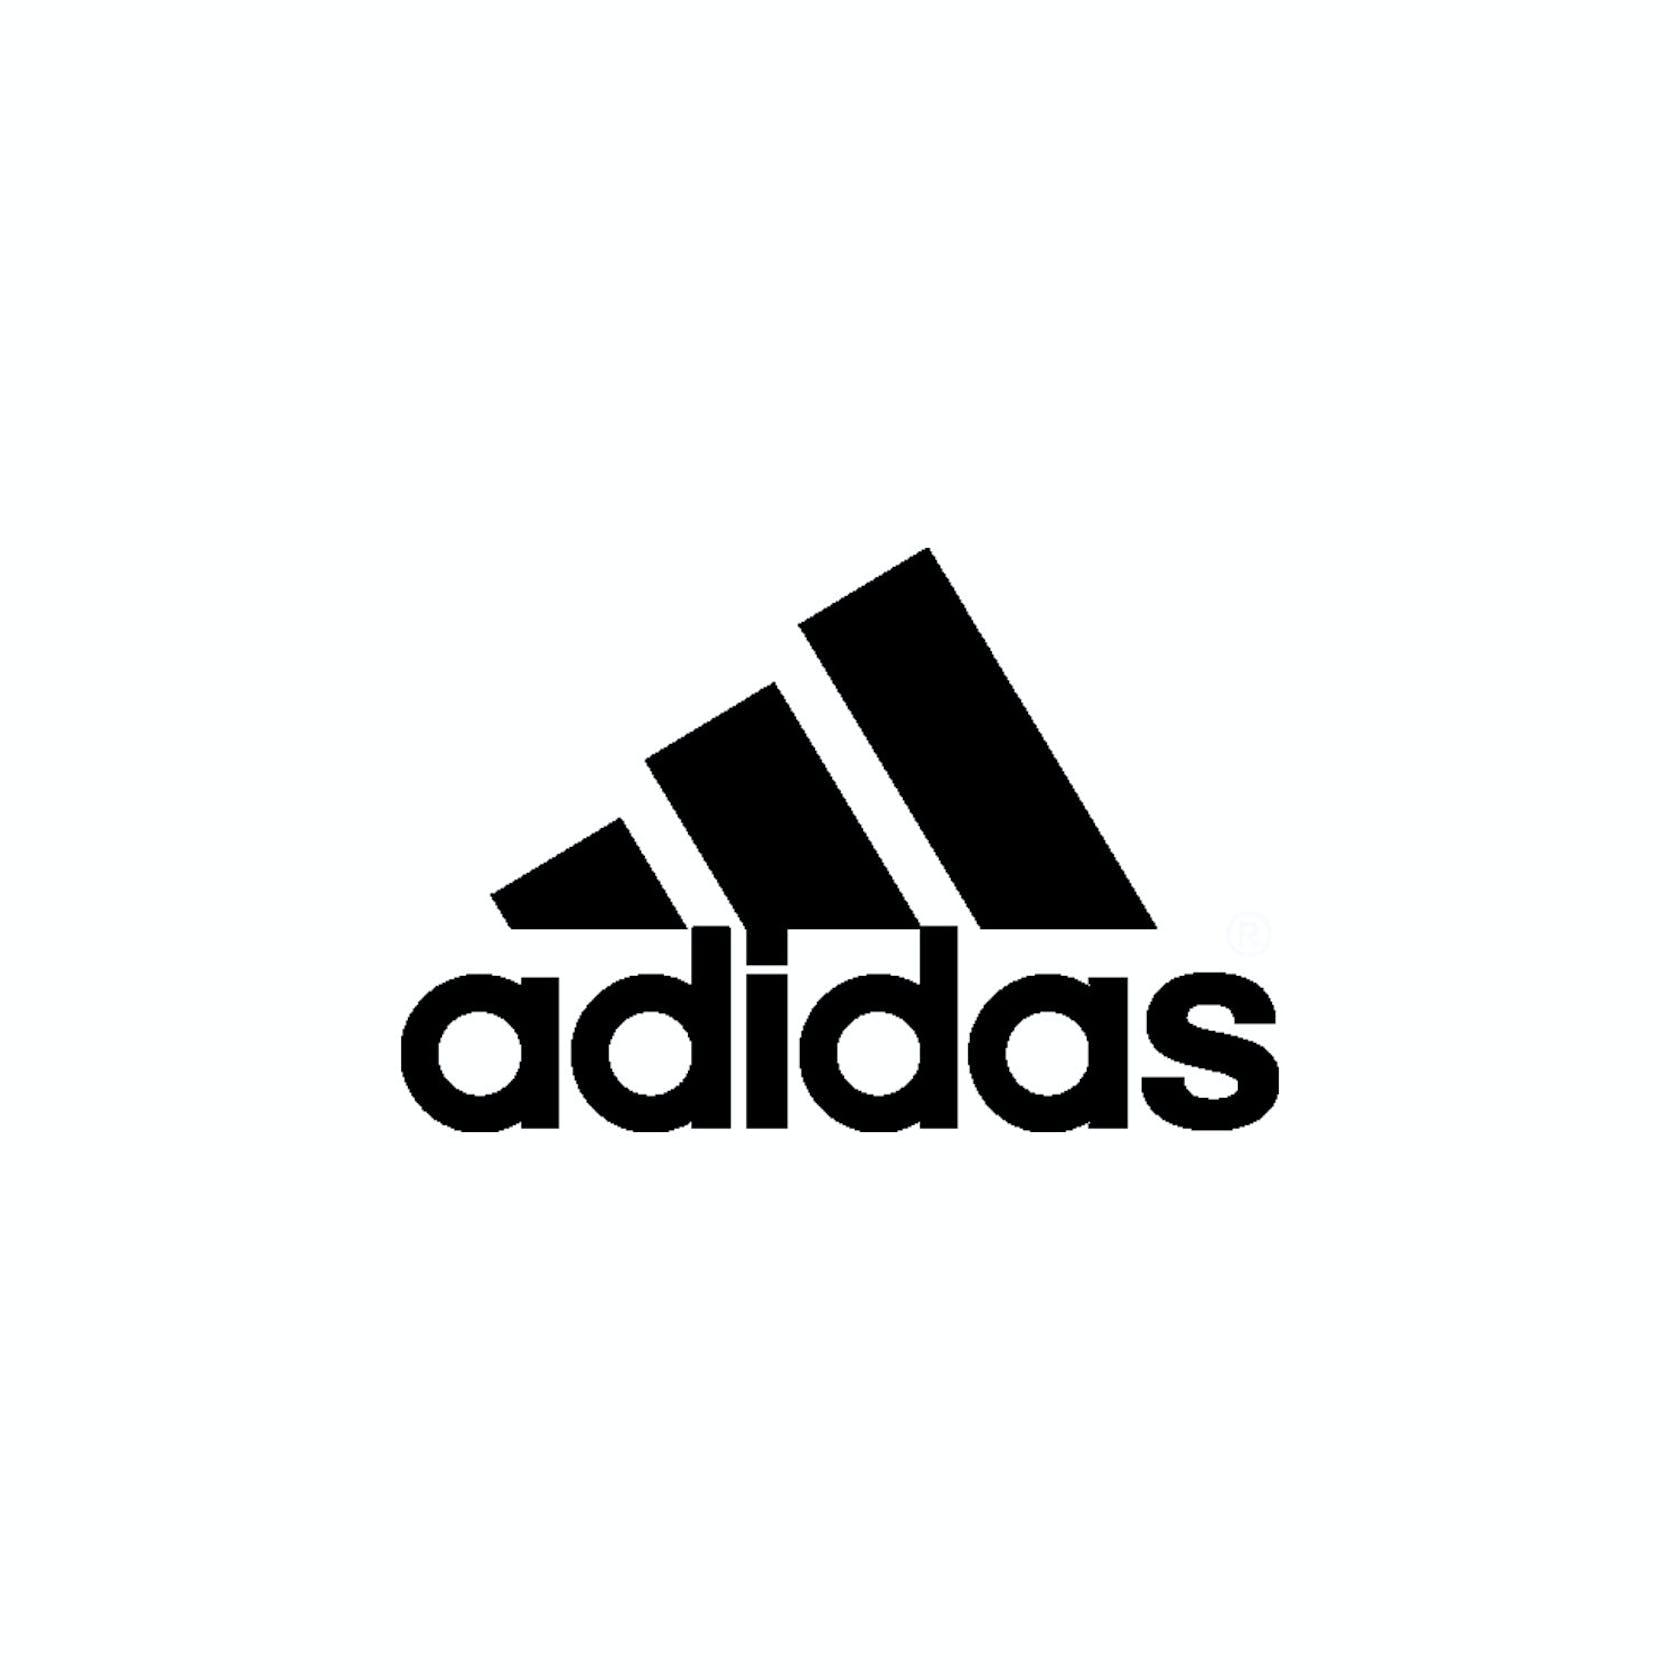 Adidas SPORTLER Onlineshop